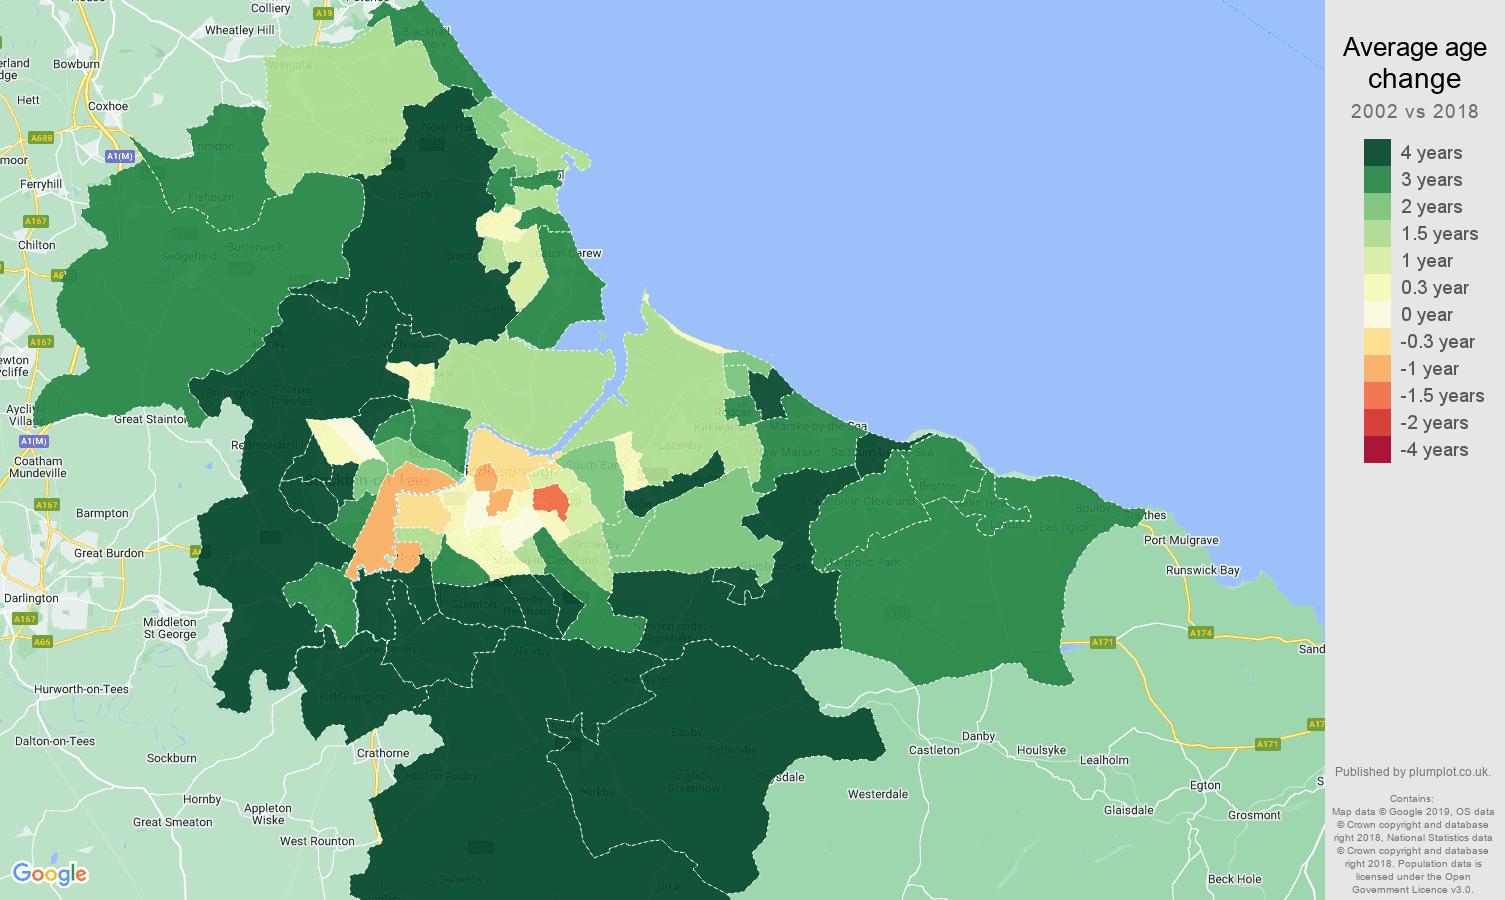 Cleveland average age change map